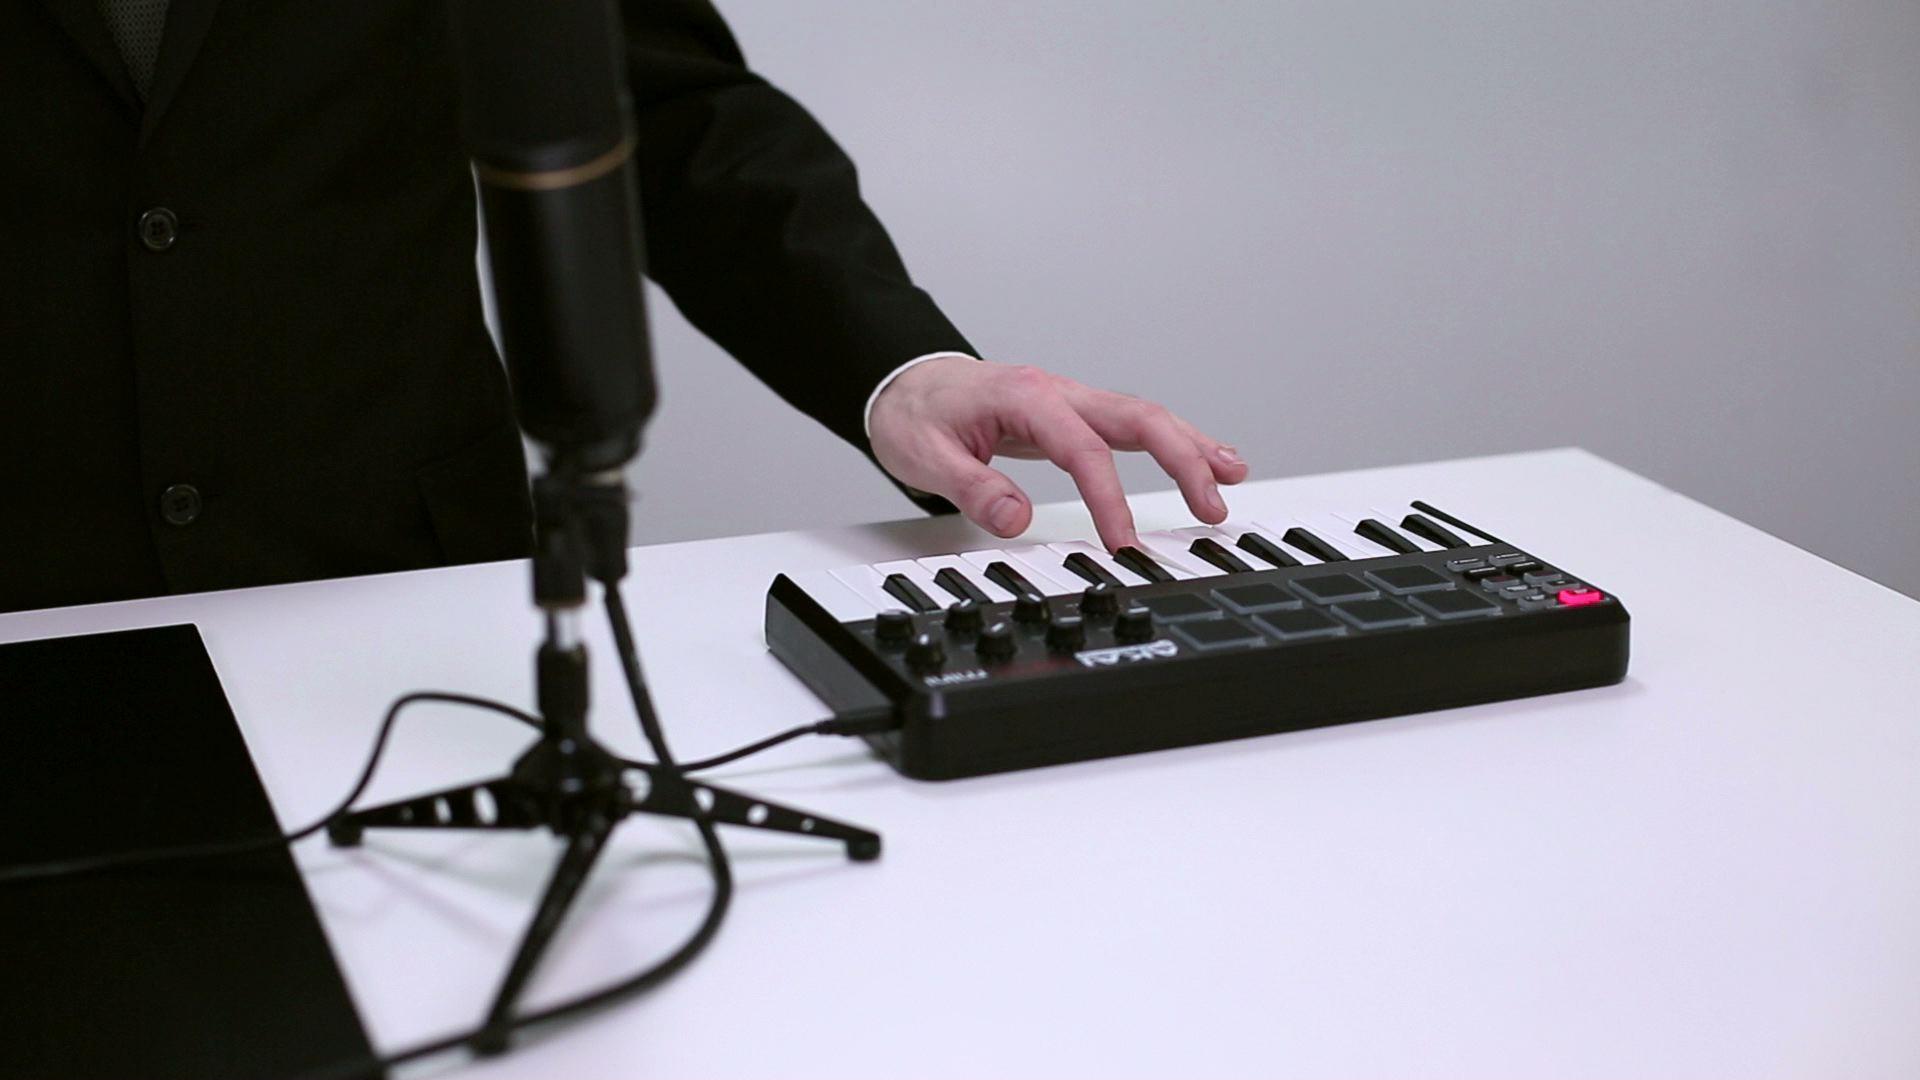 projects_Collin's_Lab_-_MIDI-1.jpeg